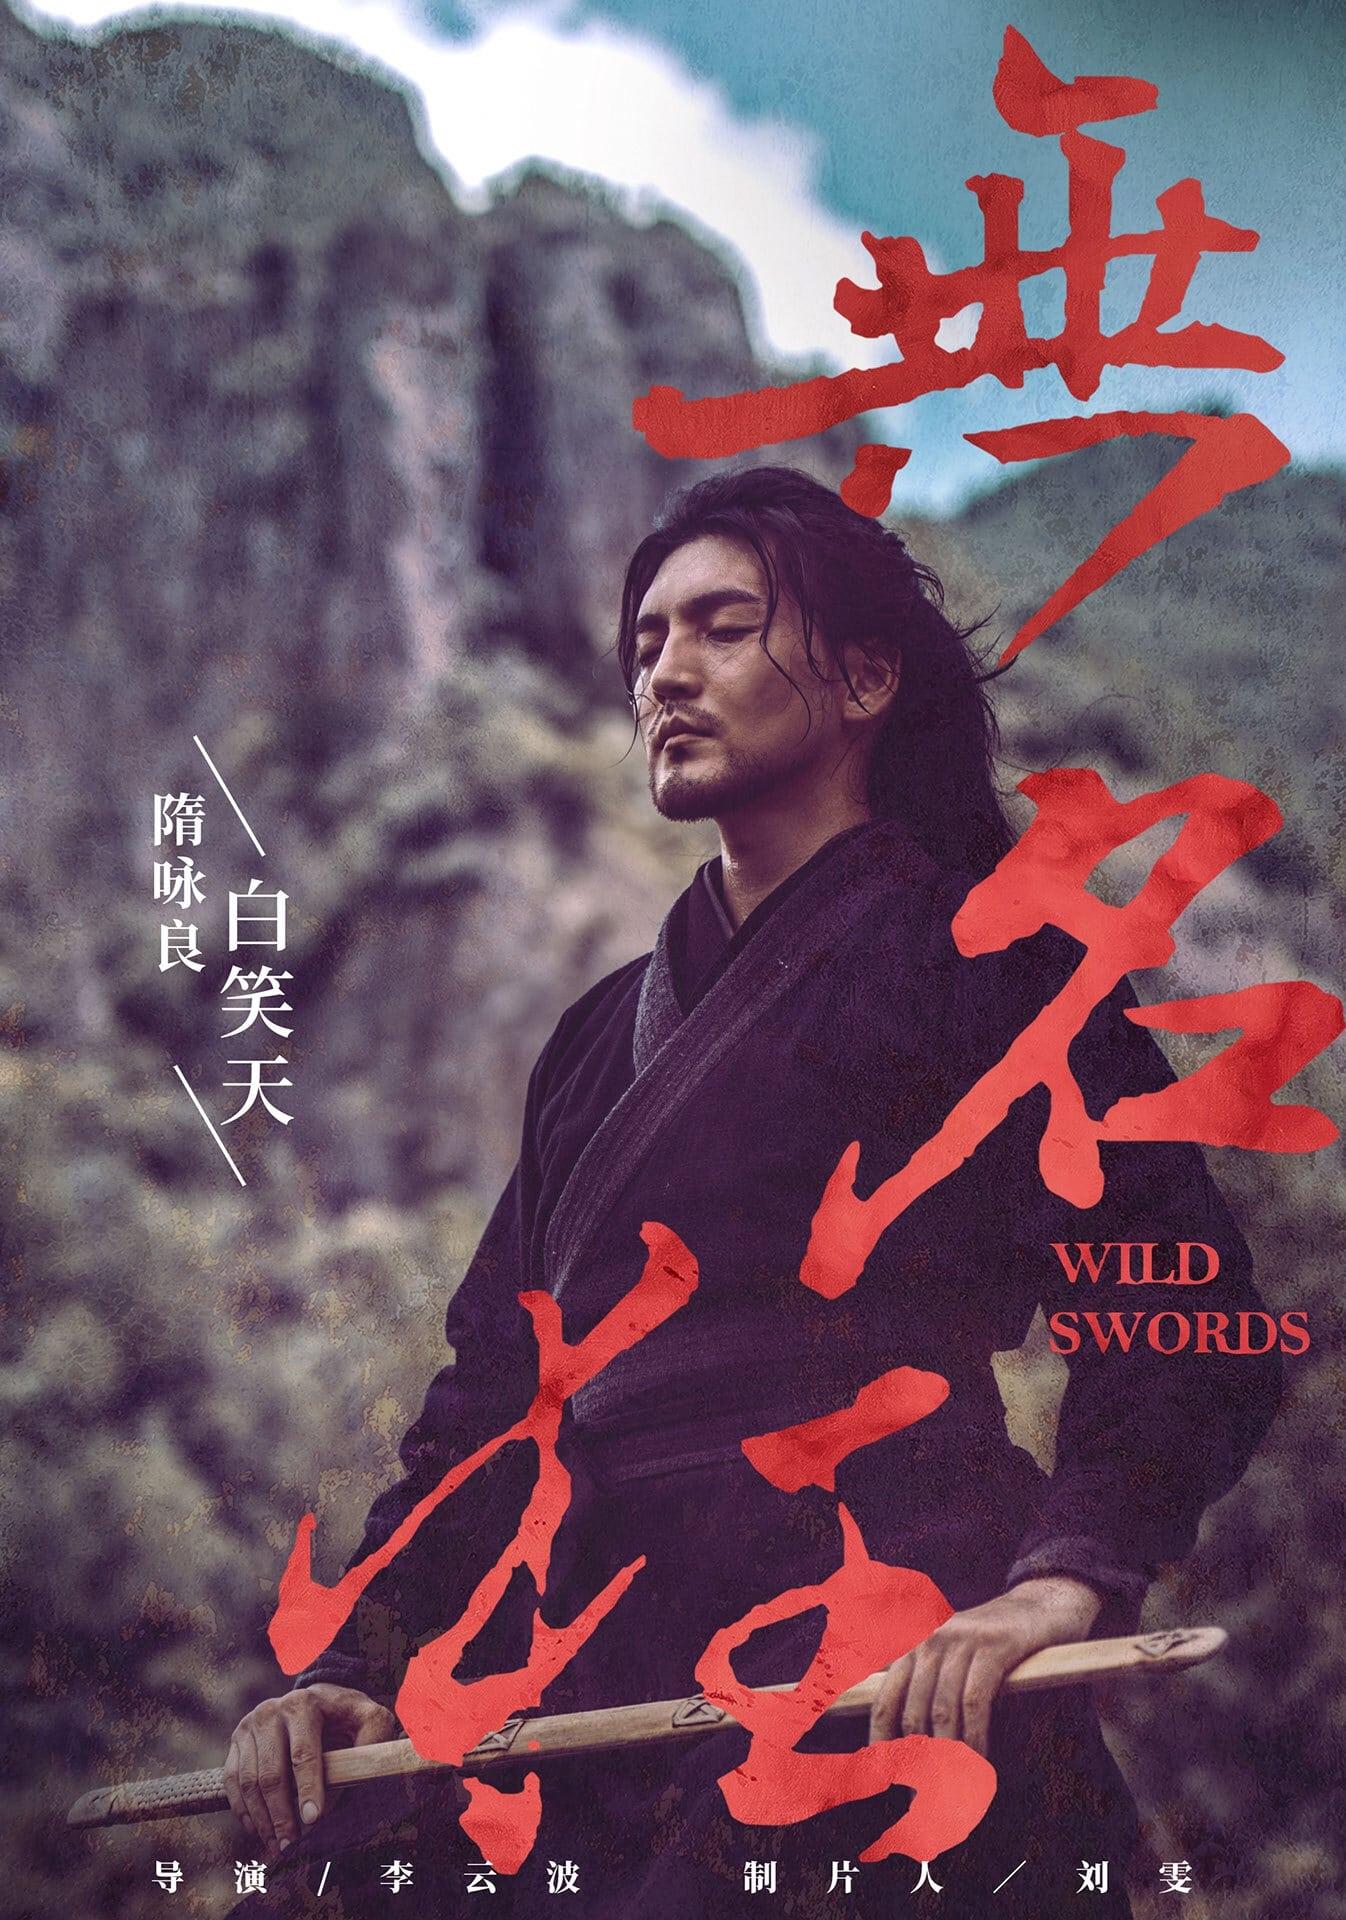 Wild Swords